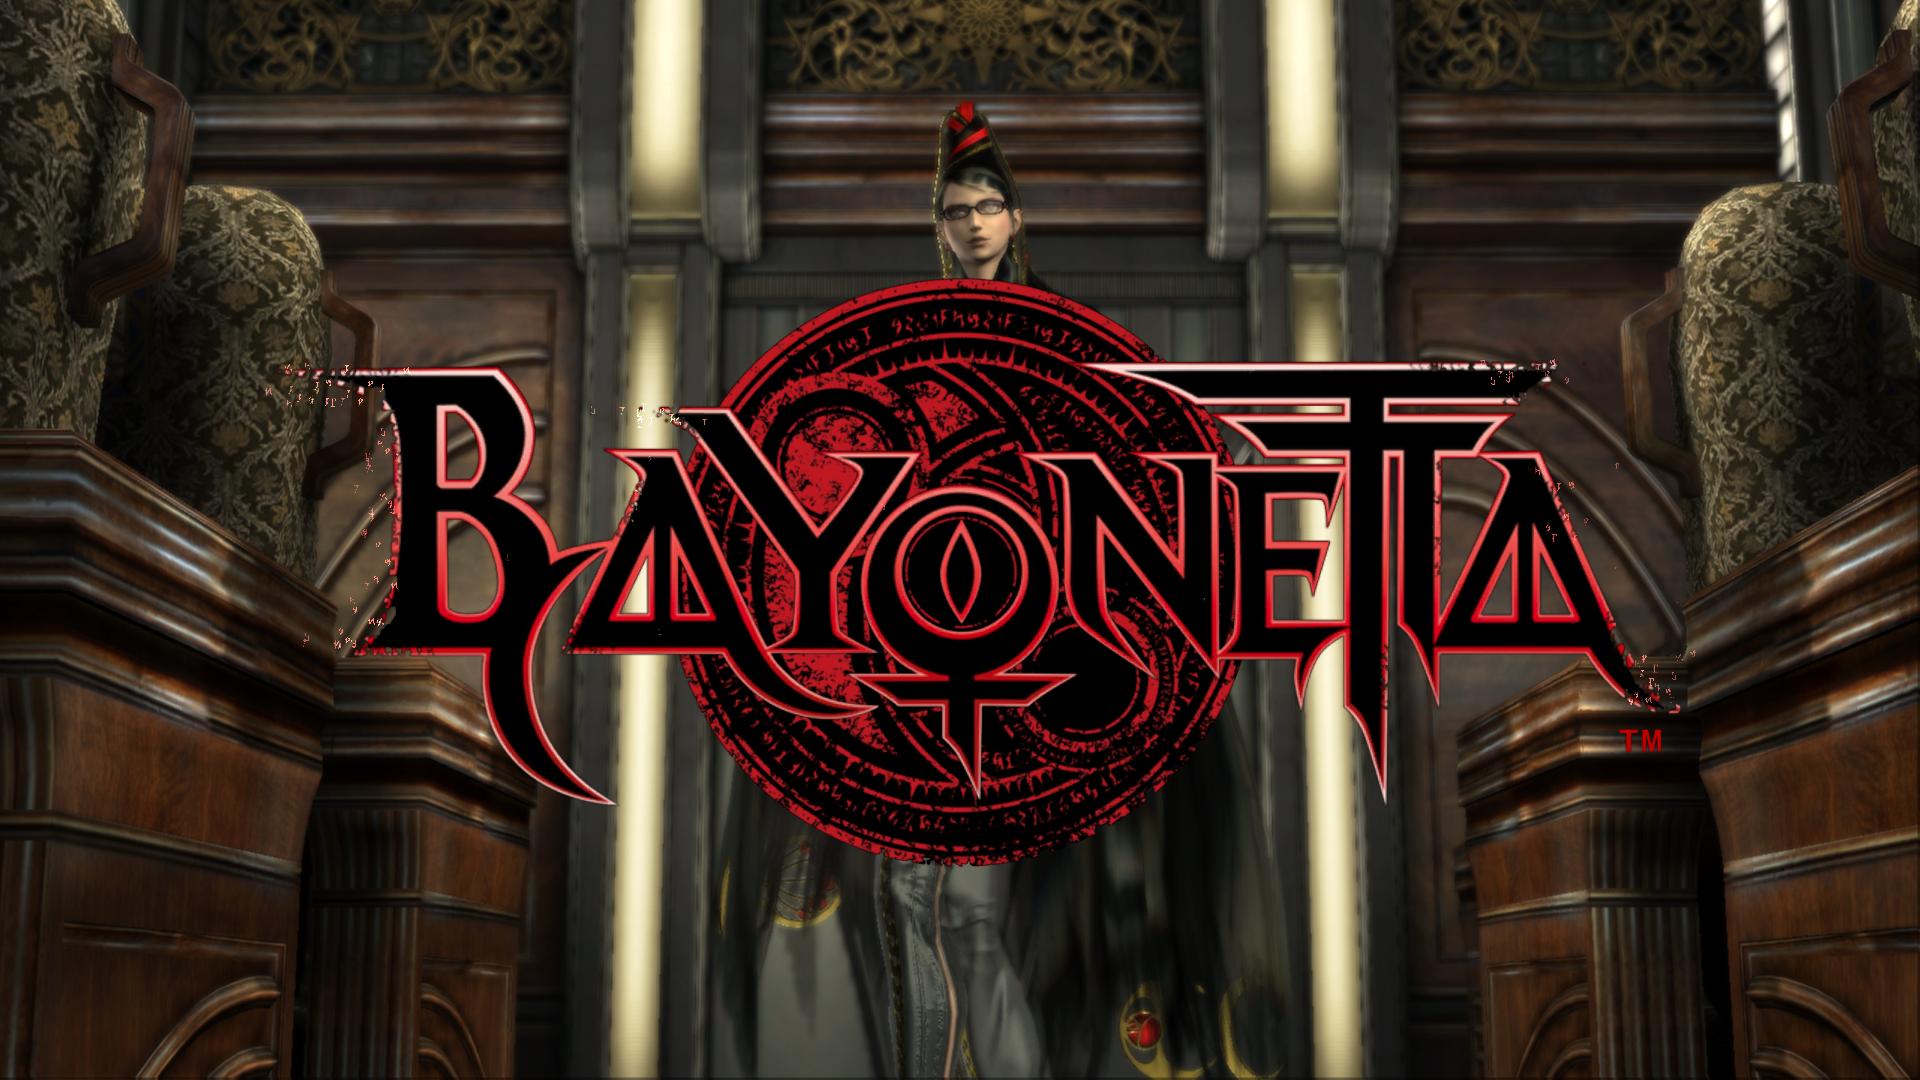 Bayonetta & Vanquish (8)